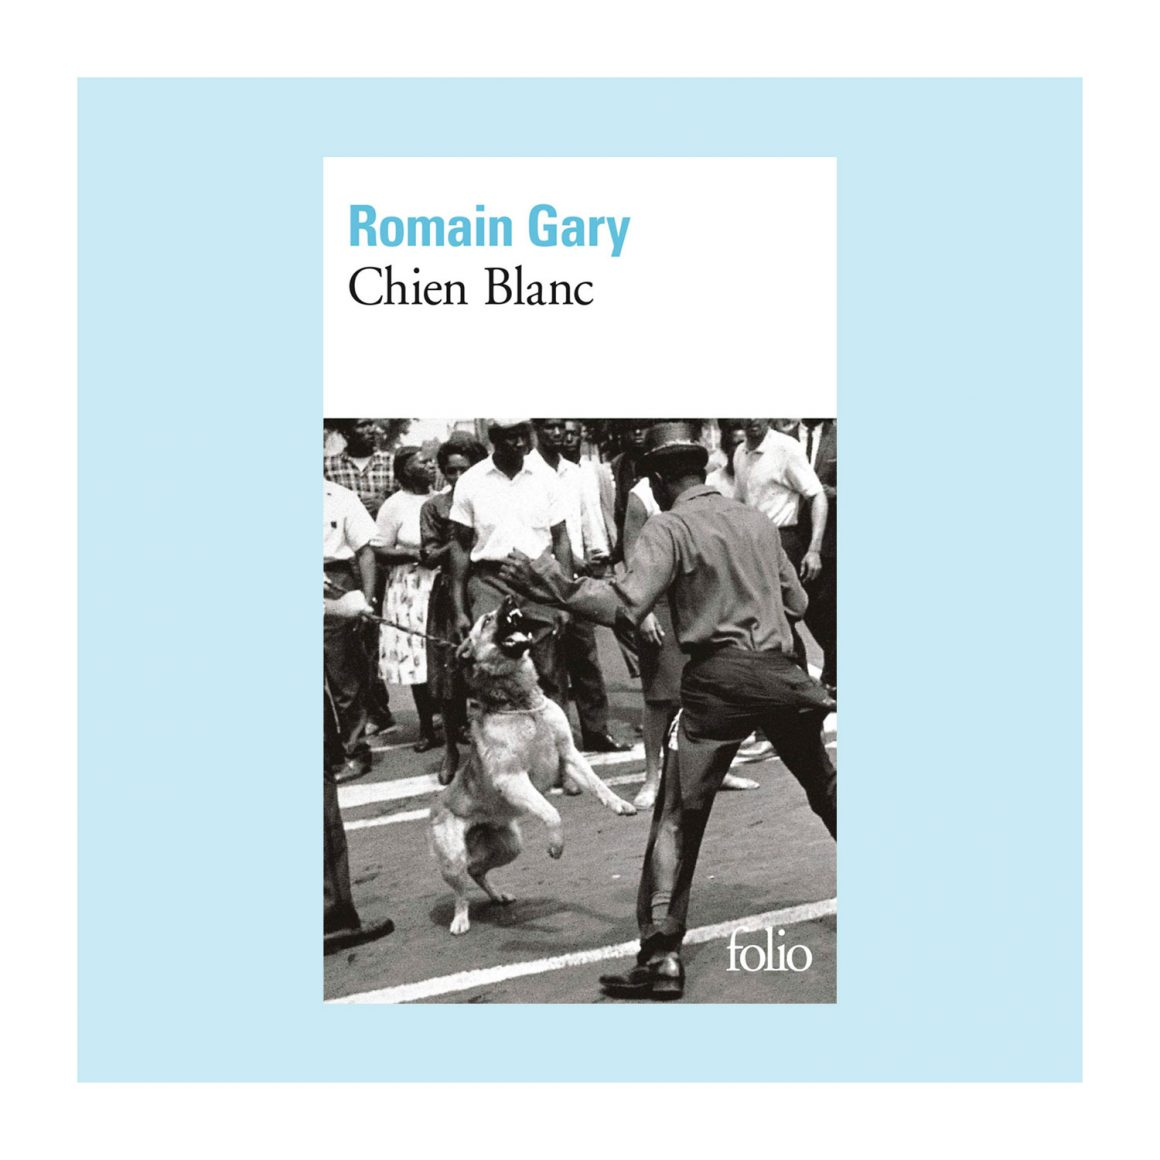 Le livre Chien Blanc de Romain Gary